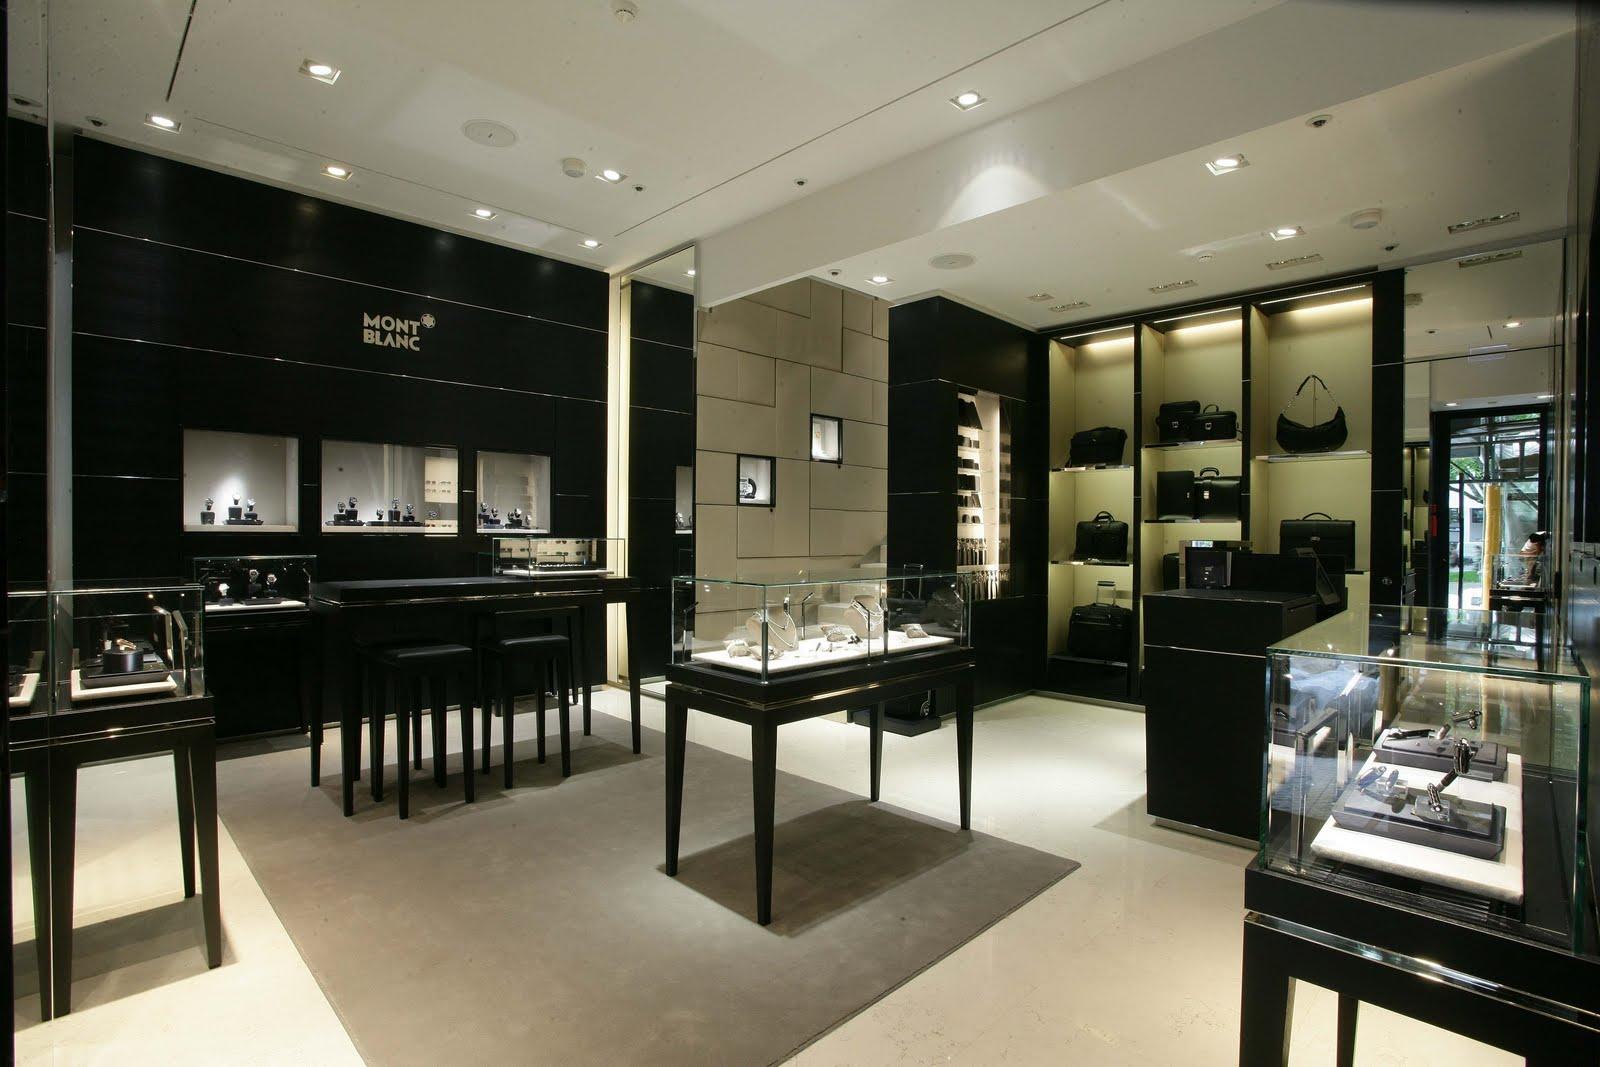 esta o cronogr fica boutique montblanc reabre em lisboa. Black Bedroom Furniture Sets. Home Design Ideas